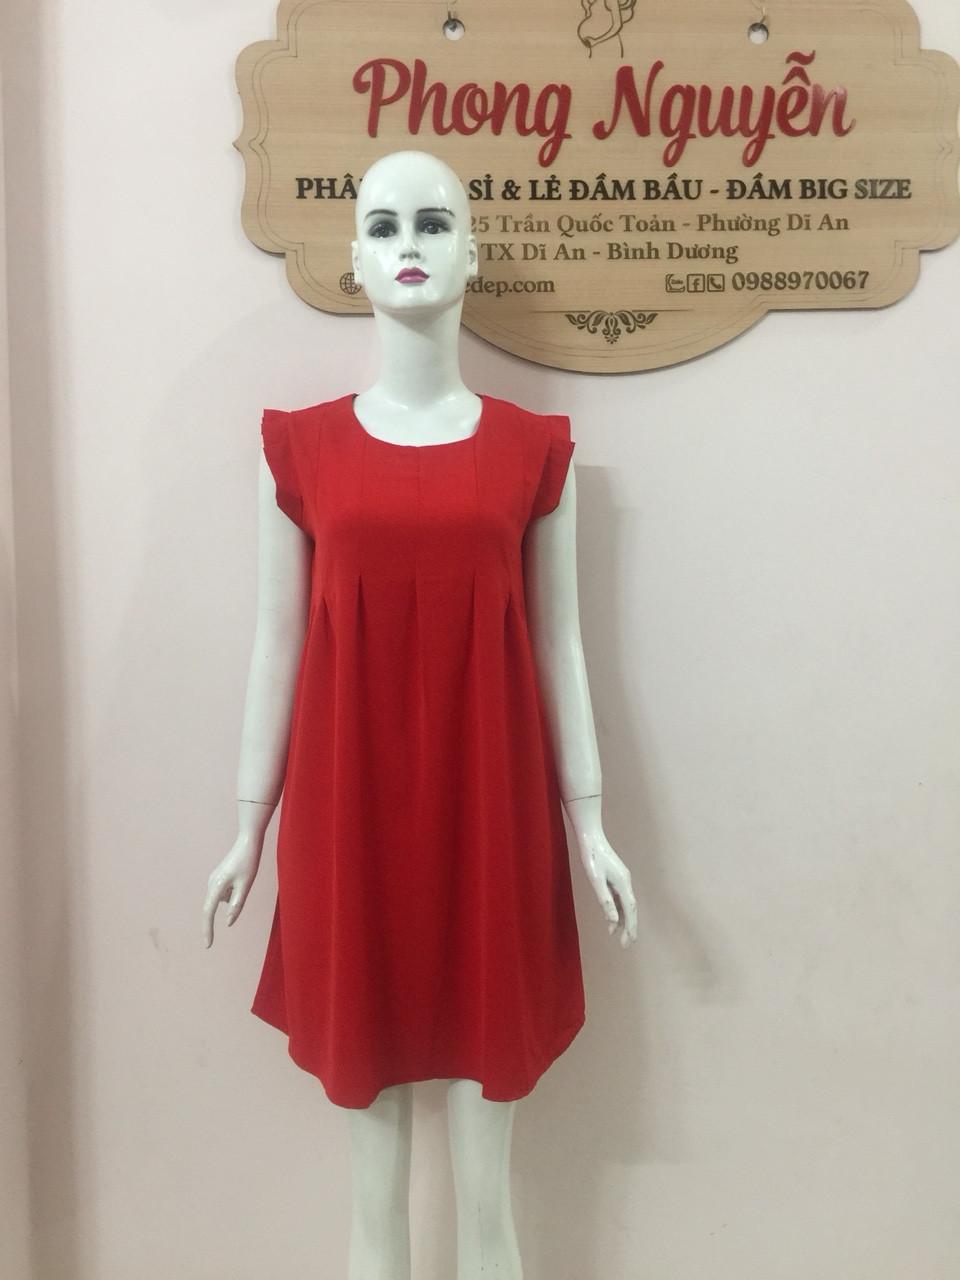 Mẹo chọn đồ bầu công sở vừa tiết kiệm vừa hợp xu hướng thời trang(1)